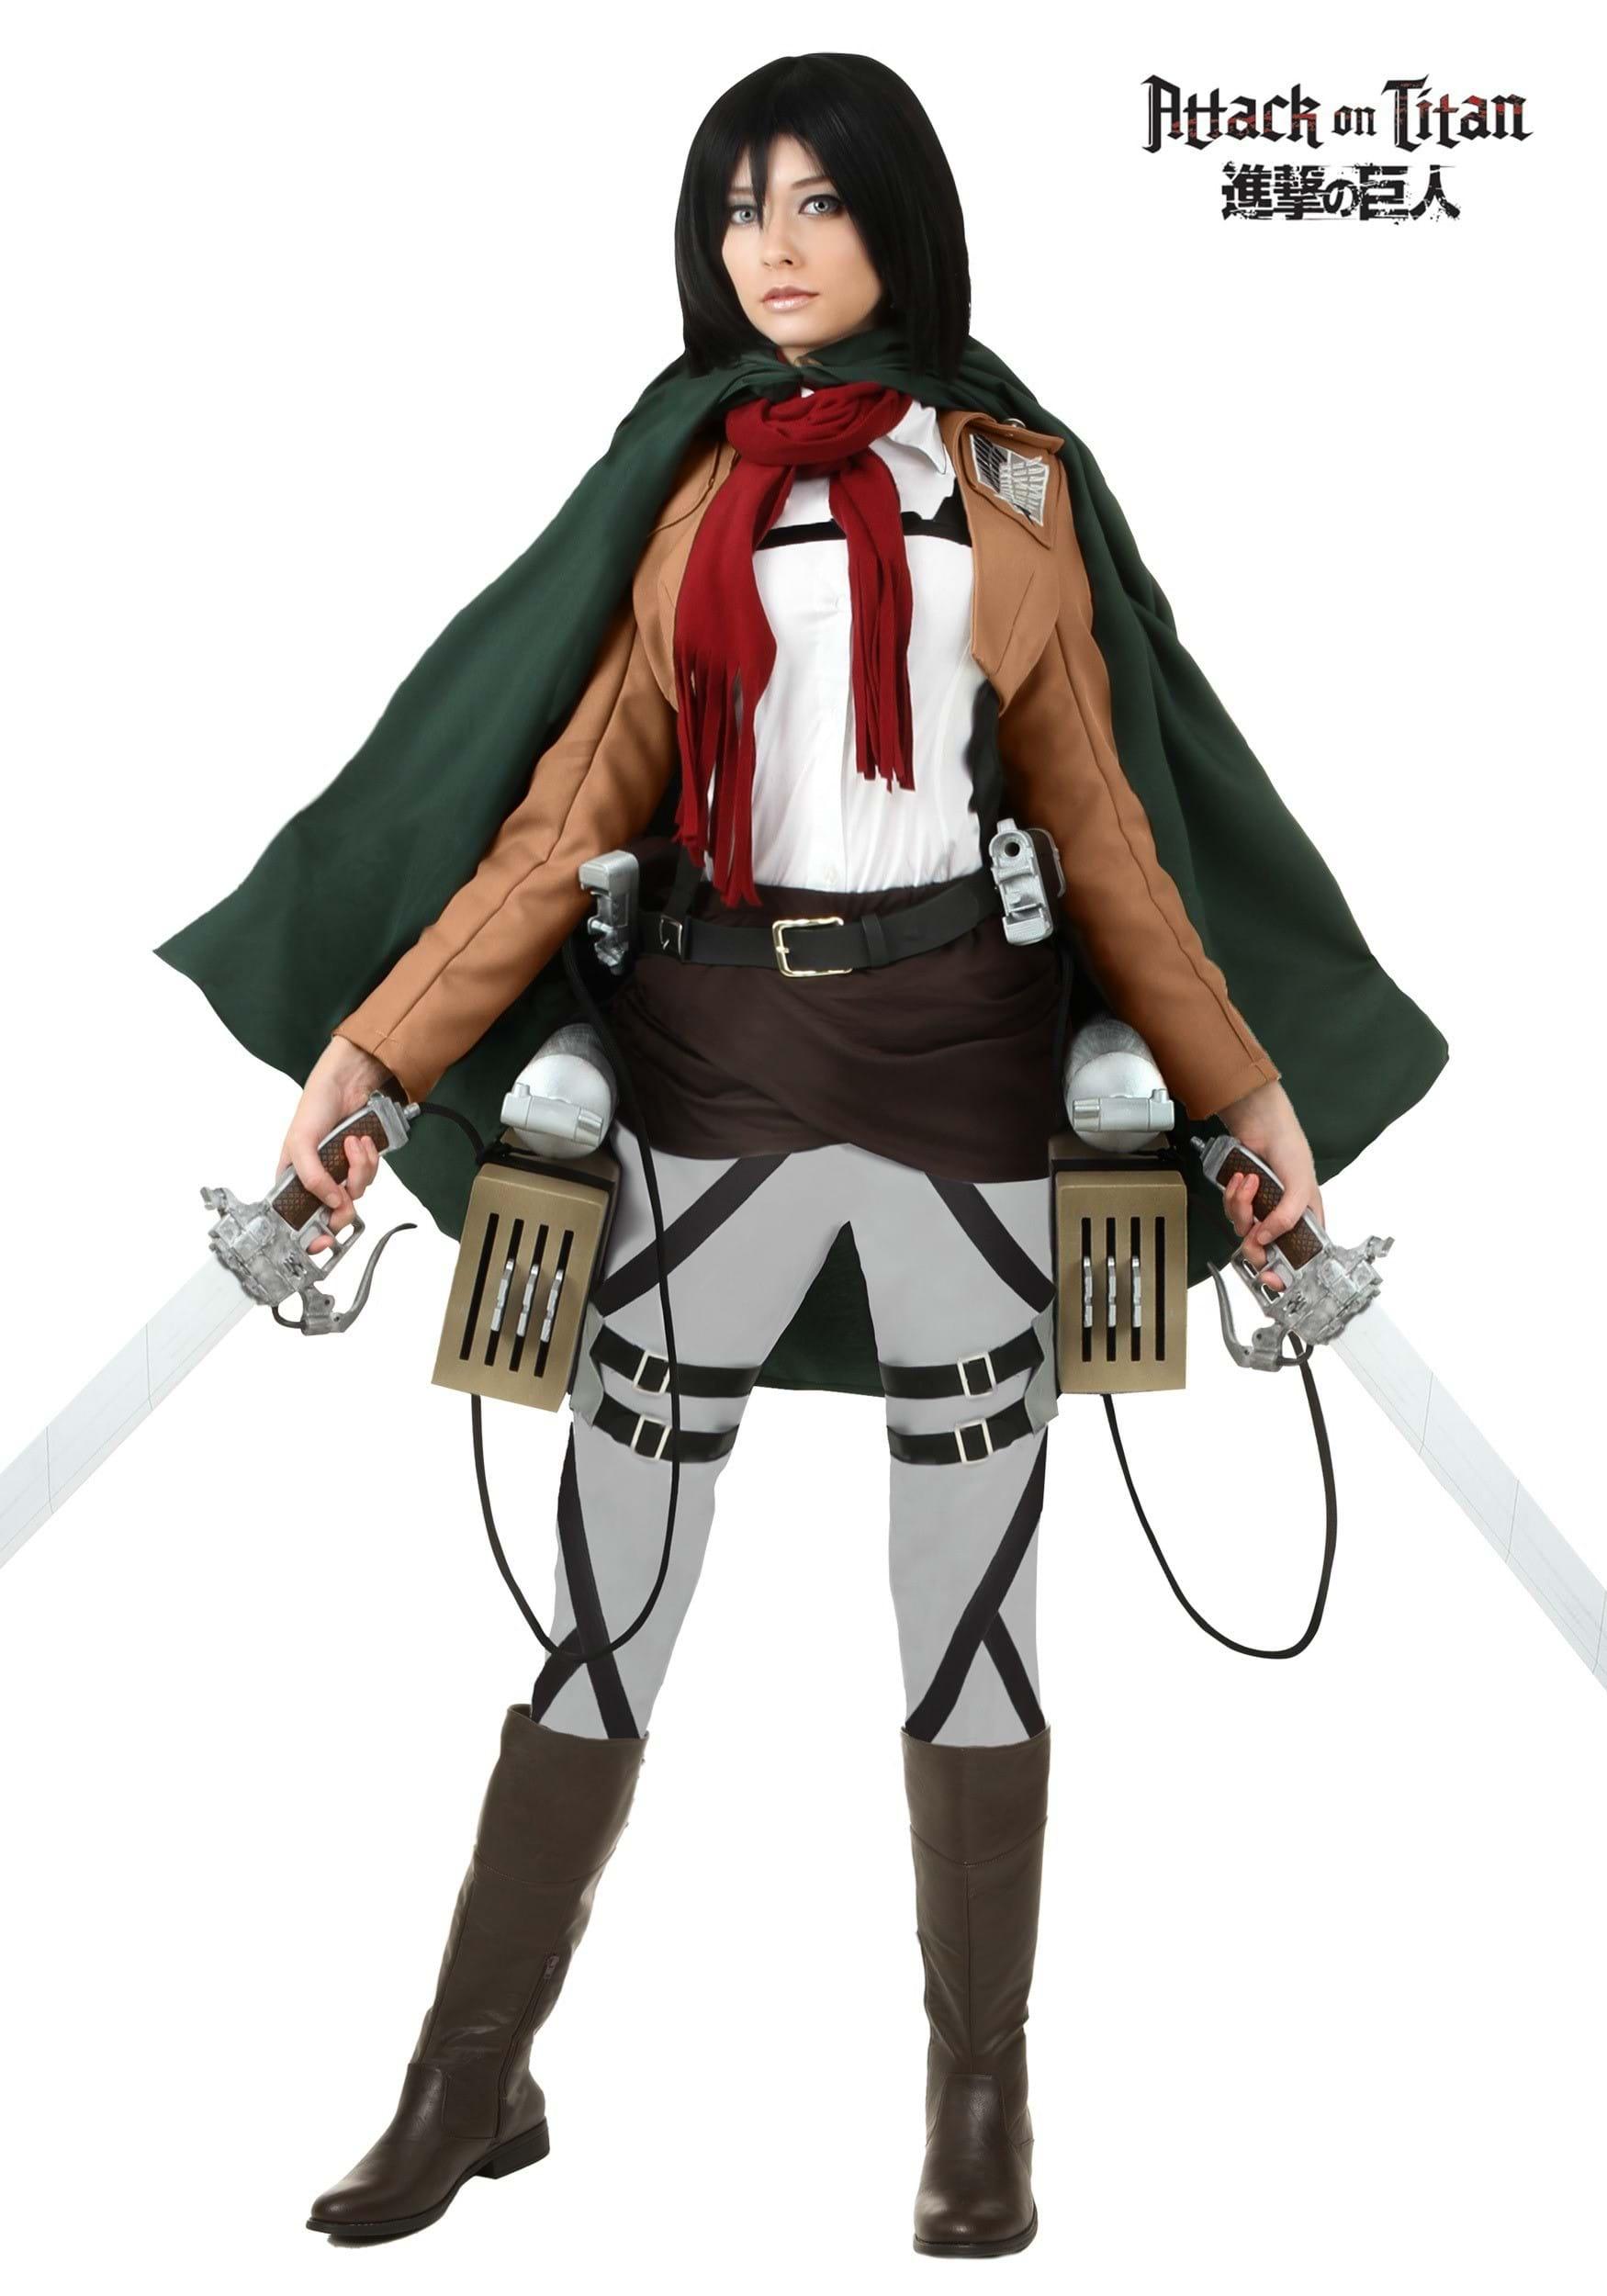 Deluxe Attack on Titan Mikasa Costume FUN2358AD